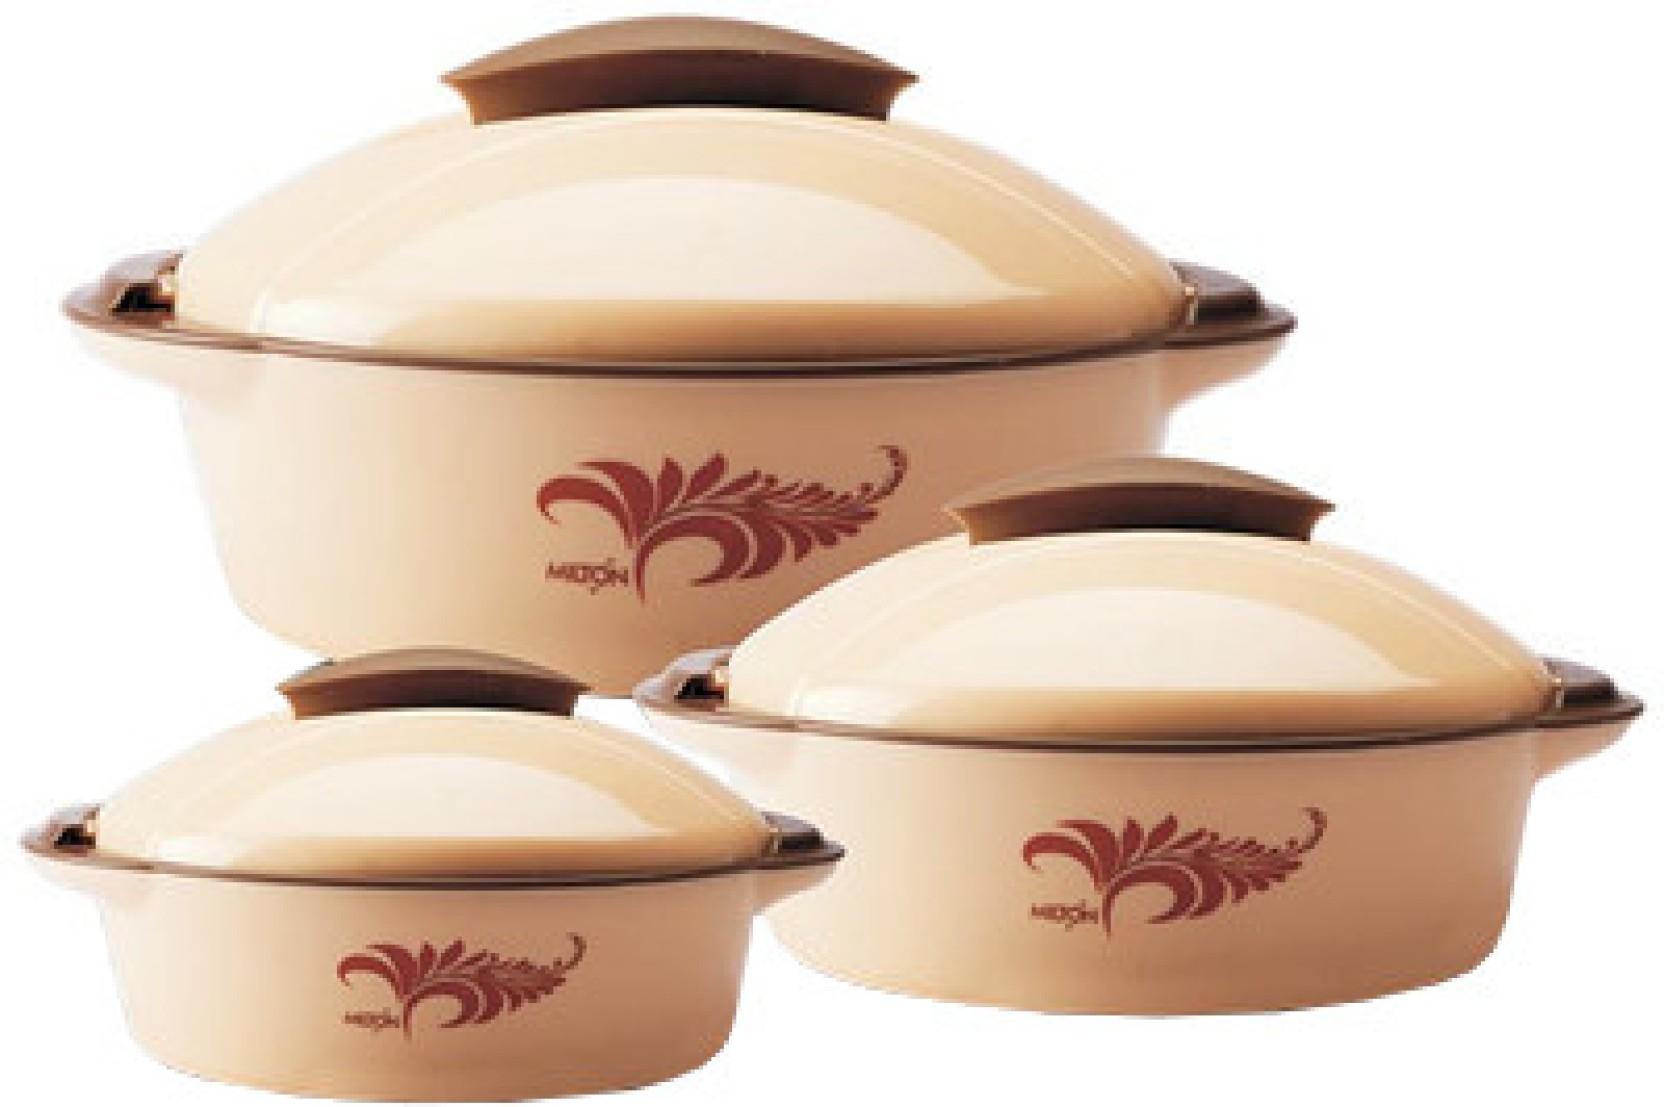 Milton crisp jr deluxe pack of 3 casserole set price in for Kitchen set on flipkart